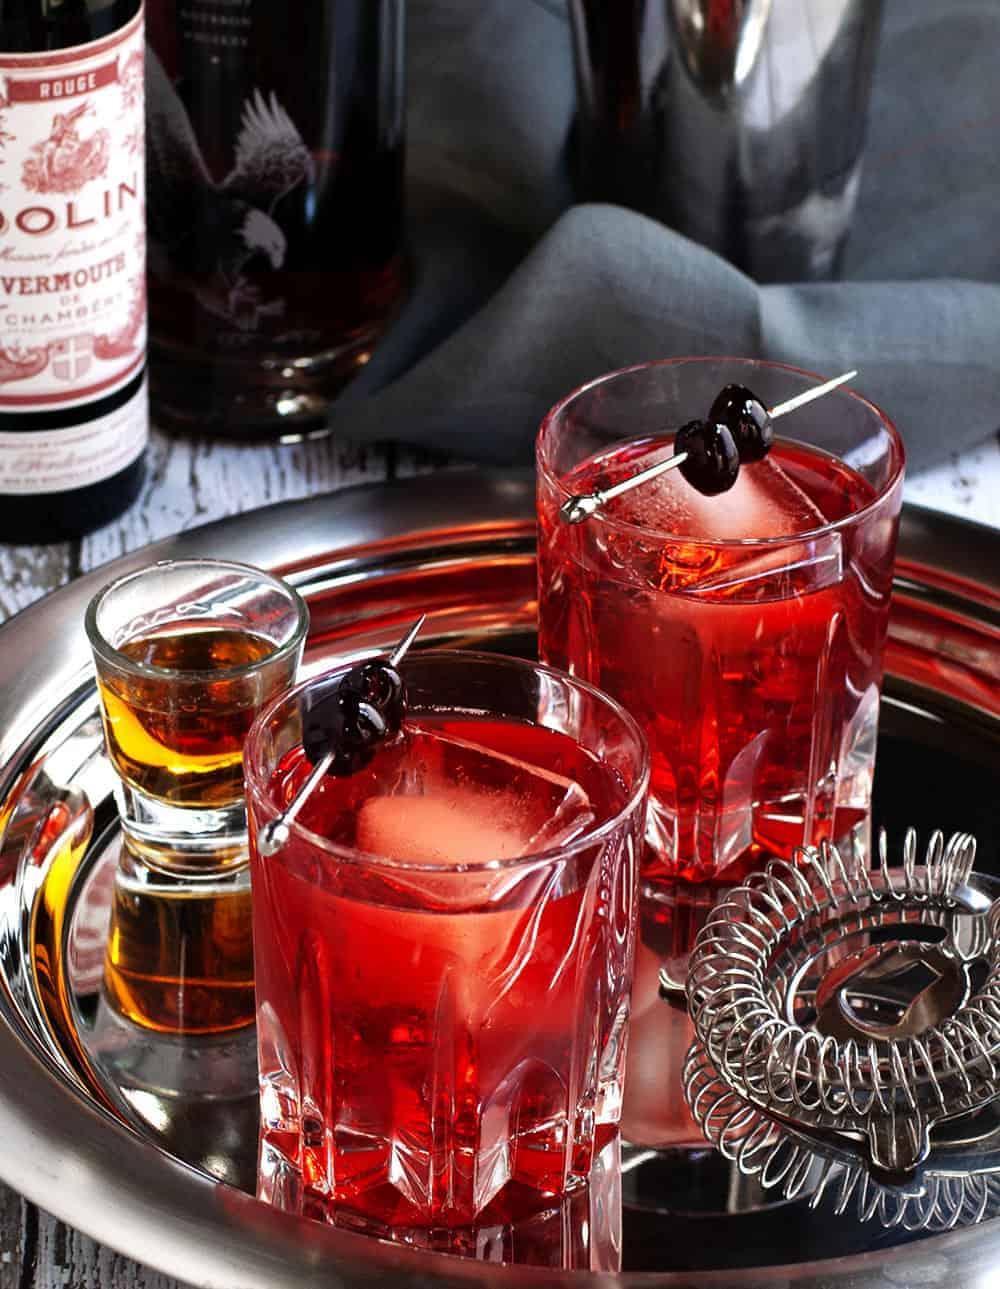 Boulevardier Cocktails served